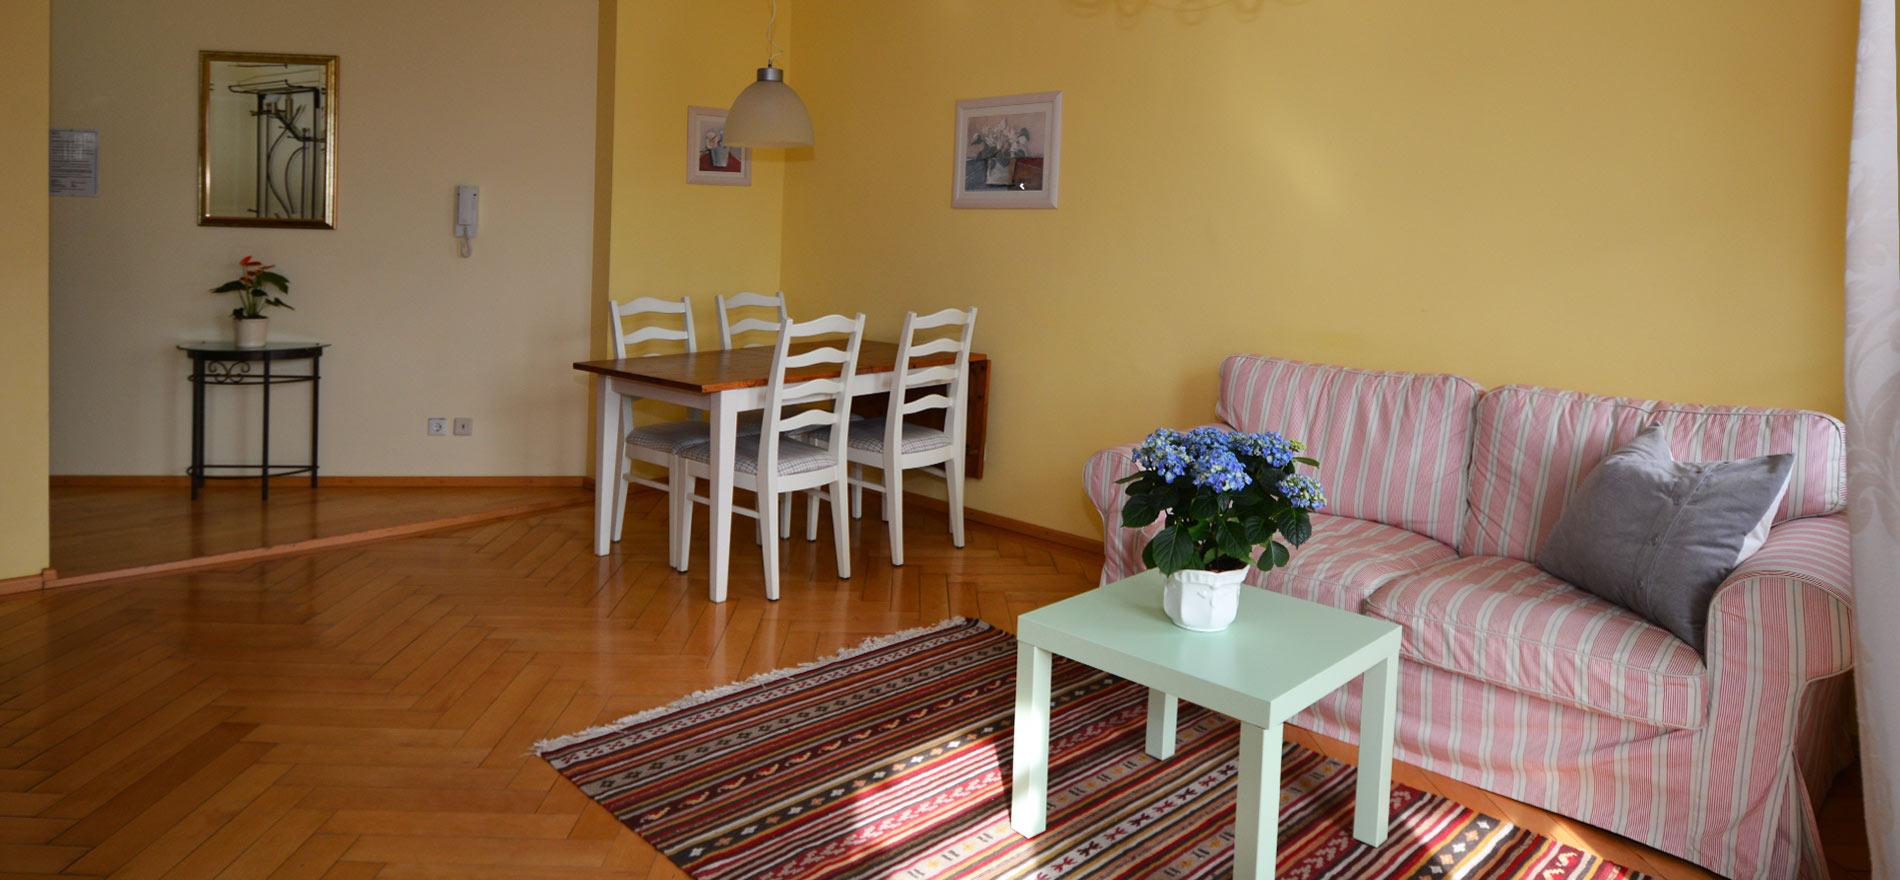 Ferienwohnung Pfarrhaus in Meersburg - Wohnung 5 2